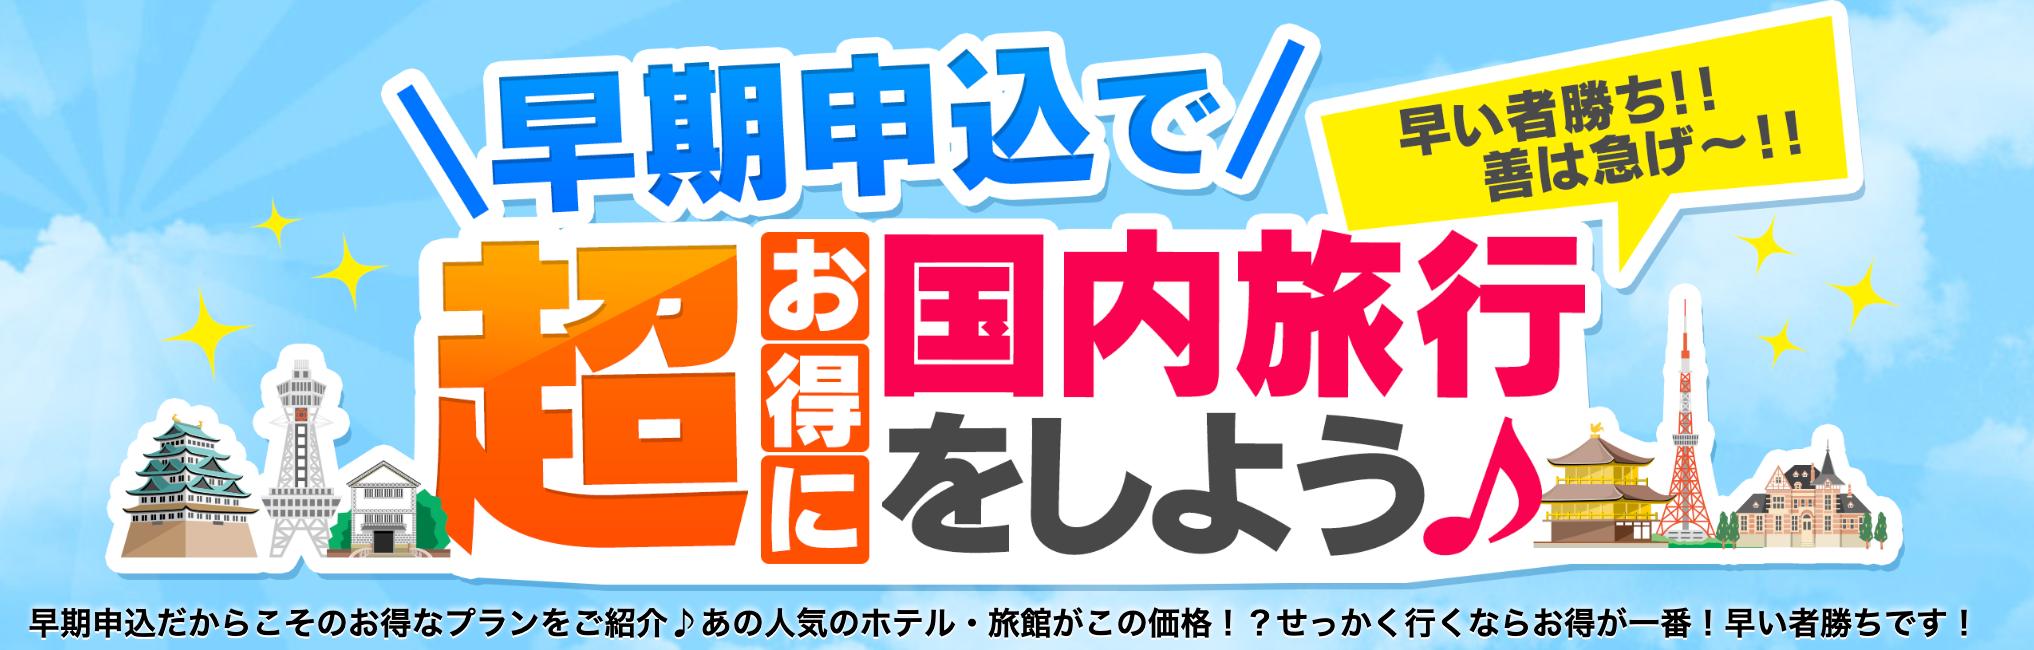 日本旅行の早期申込キャンペーン